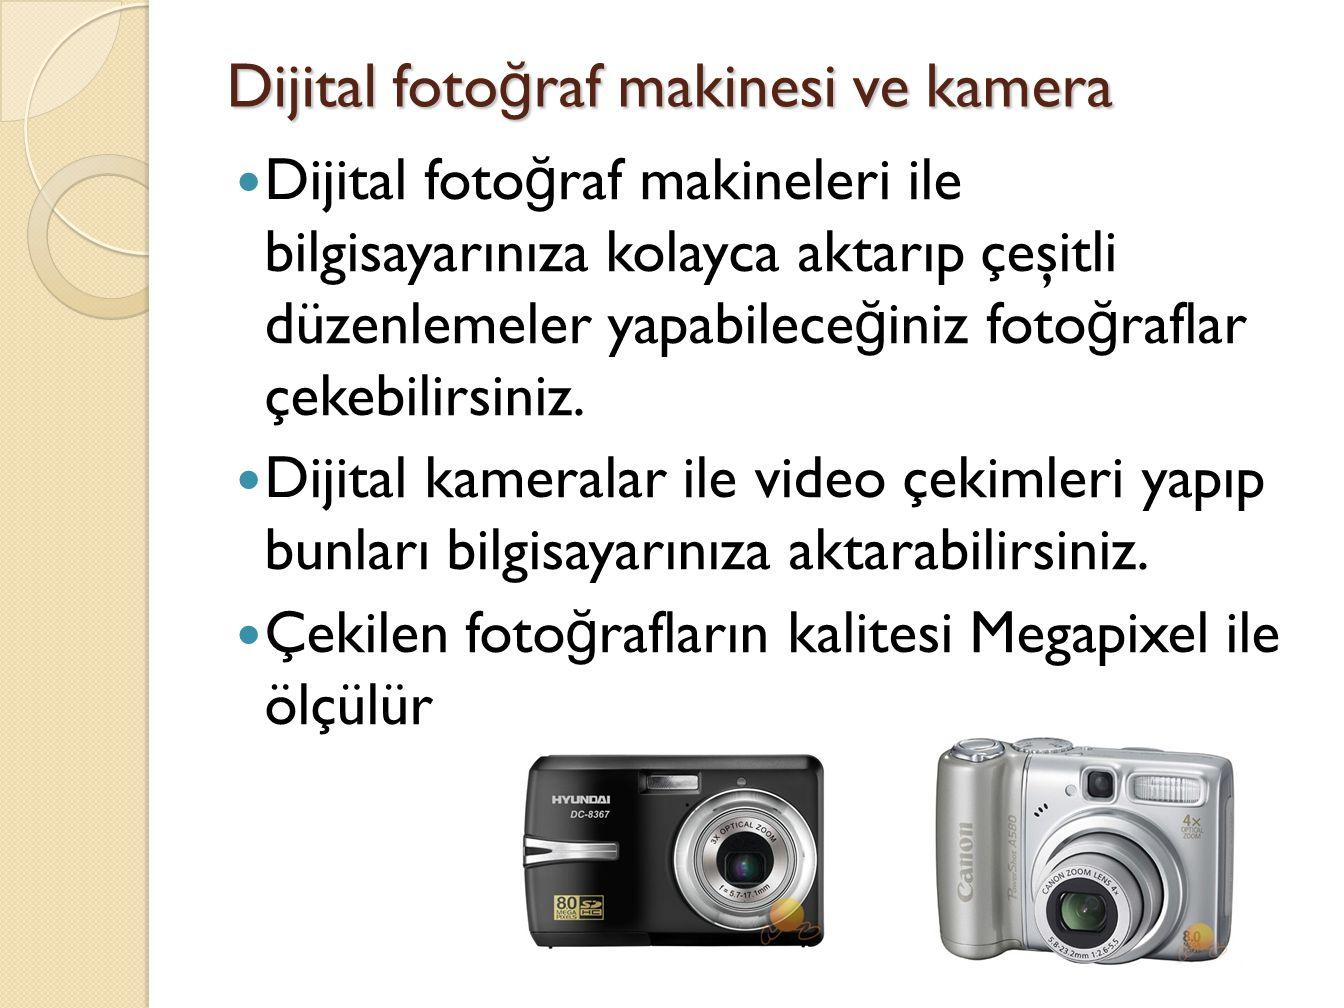 Dijital fotoğraf makinesi ve kamera